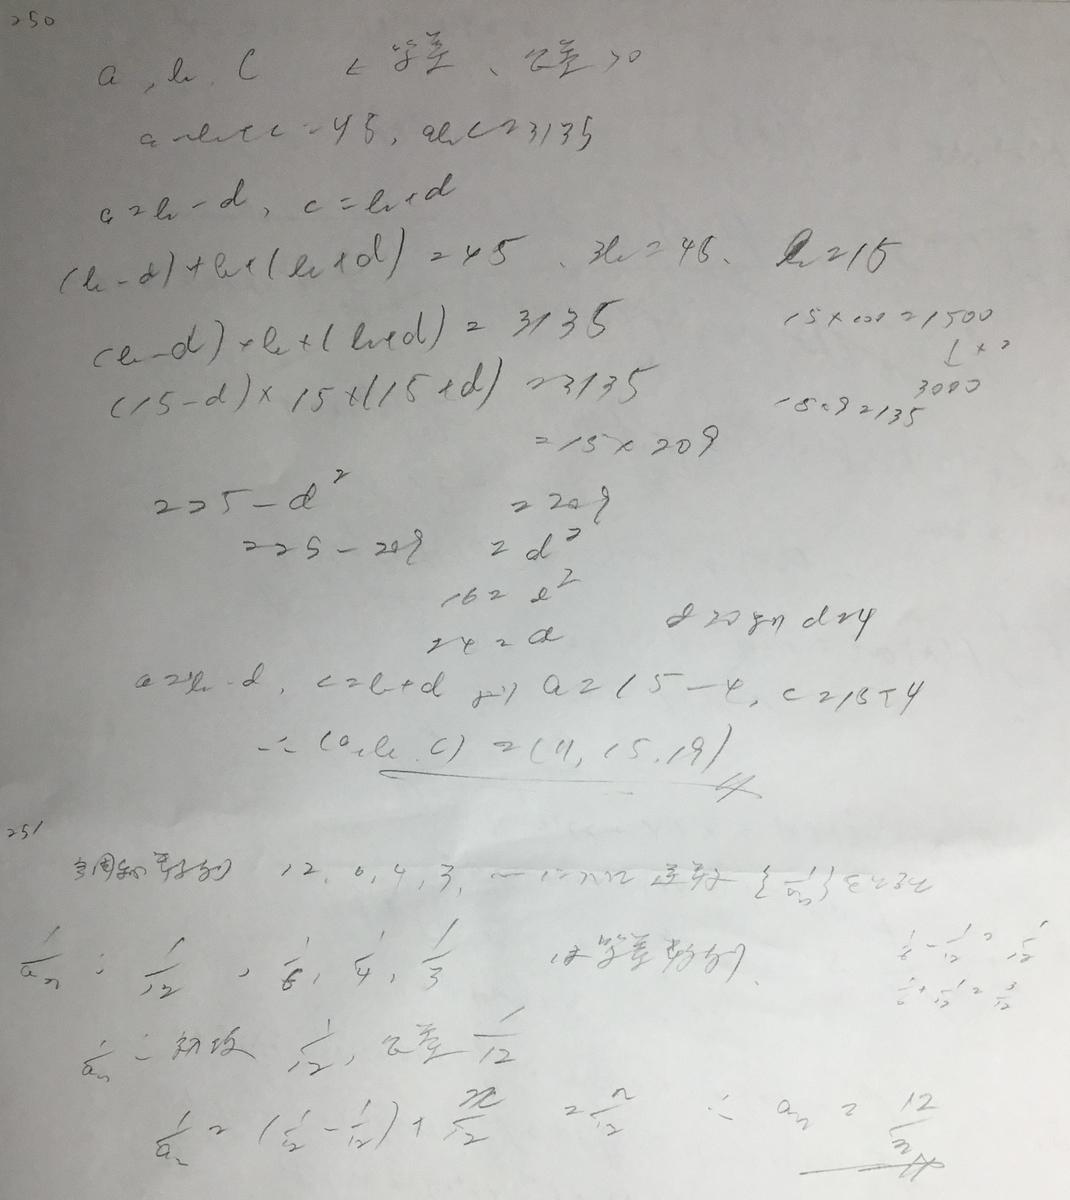 f:id:manaveemath:20200301035944j:plain